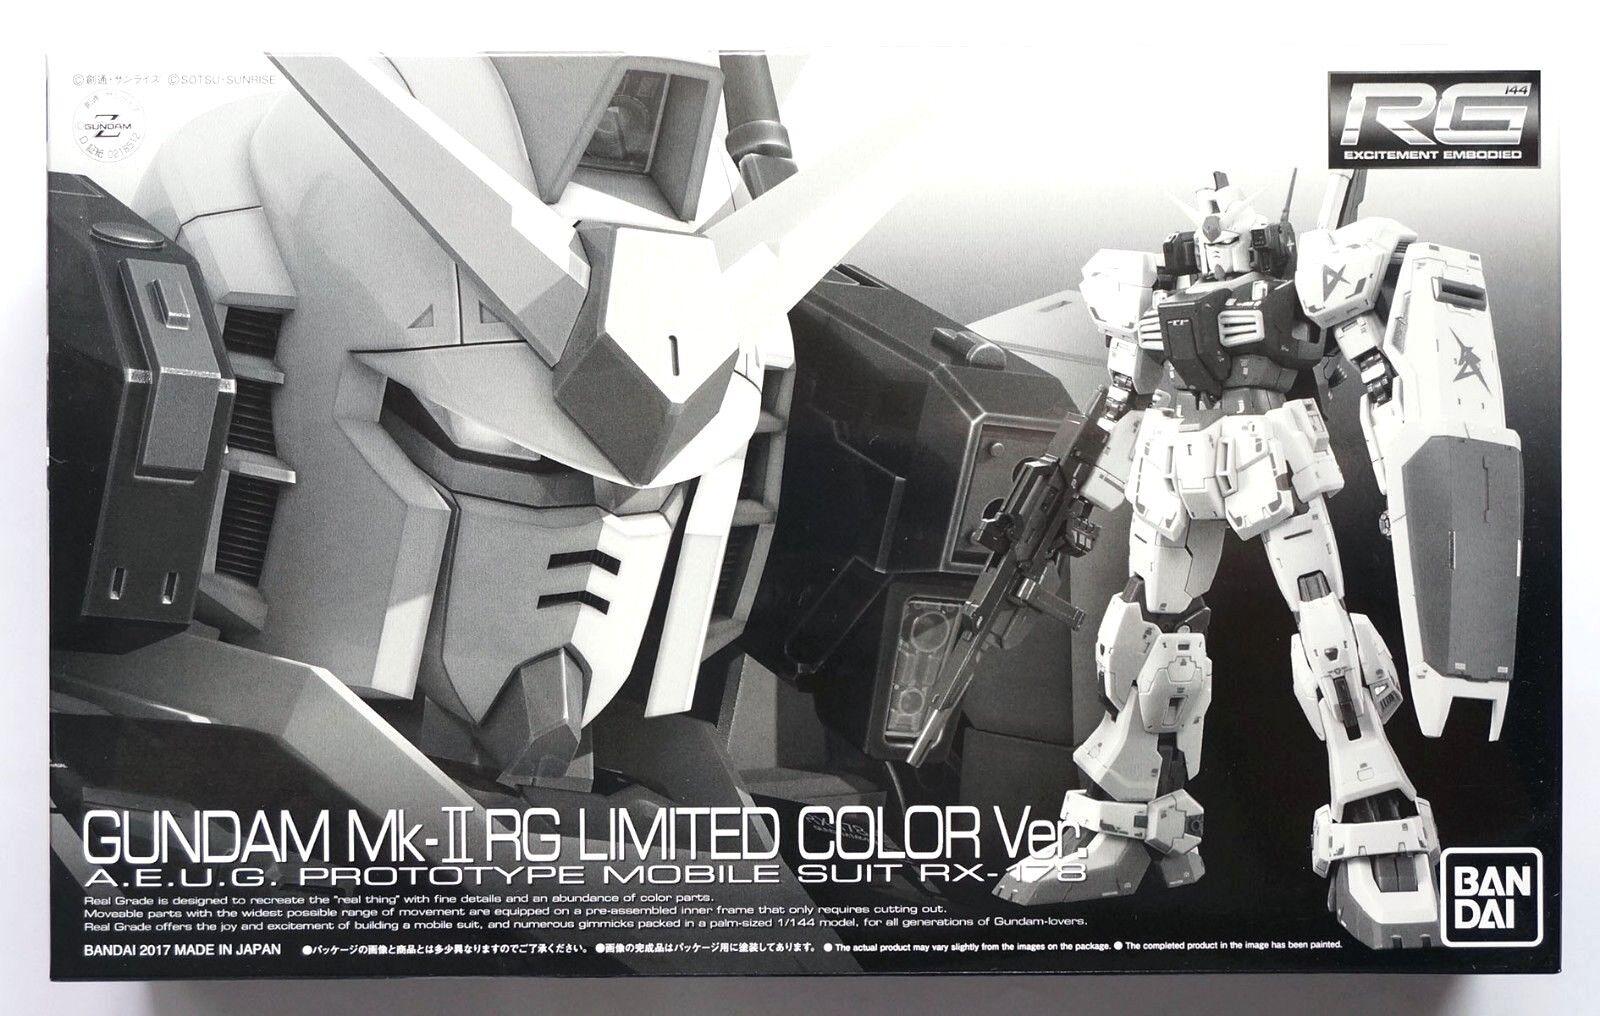 BANDAI RG 1  144 Gundam Mk -II AEUG RG begränsad färgver.Premium Bandai modellllerlkit